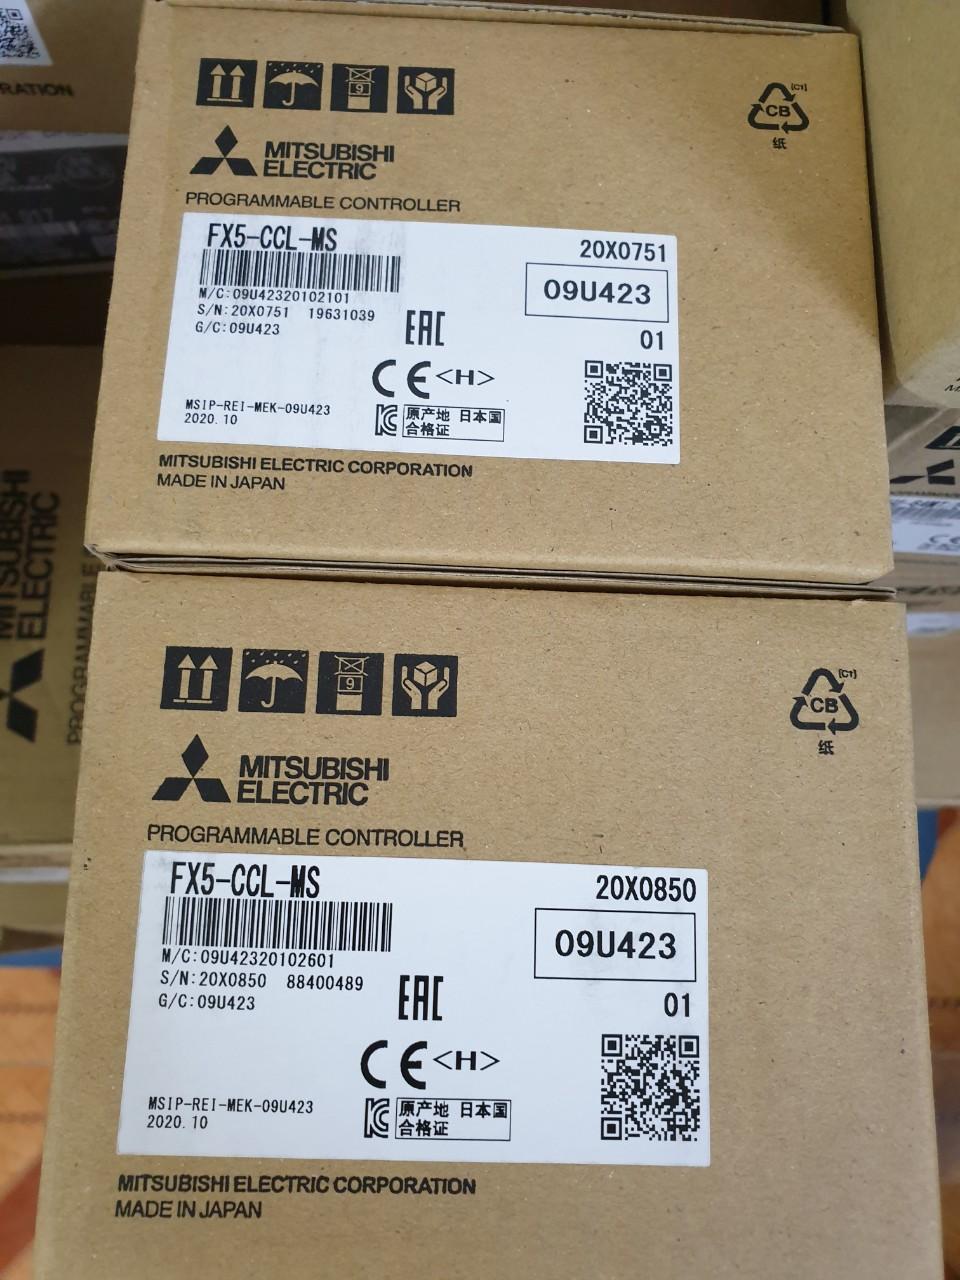 MÔ ĐUN FX5-CCL-MS